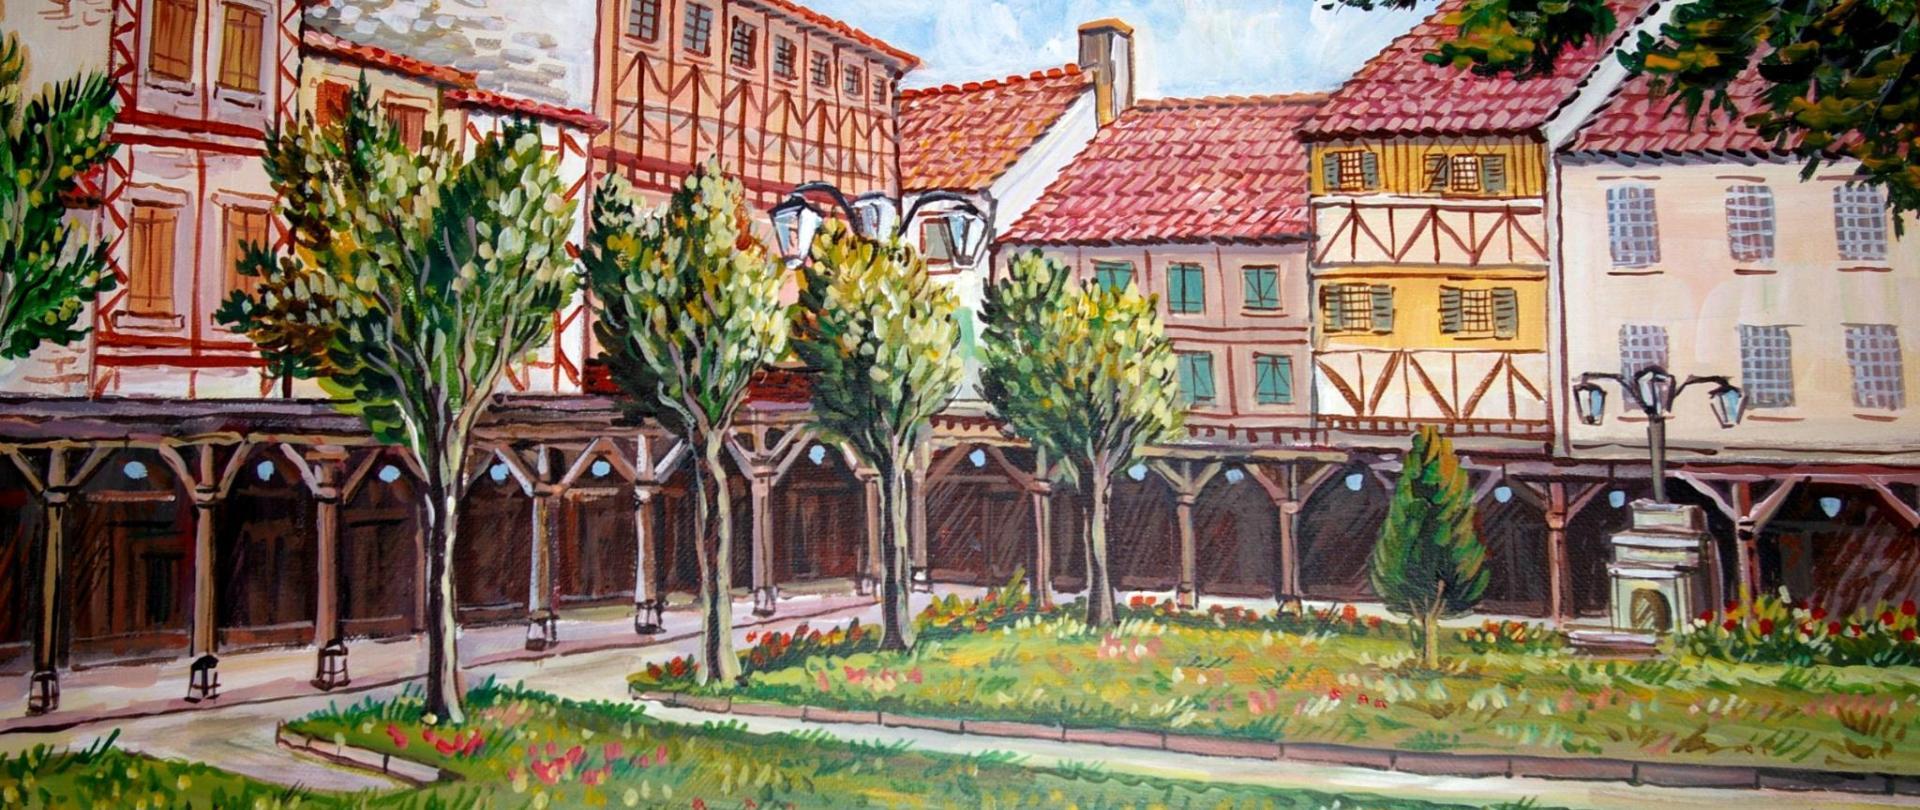 peinture villagegp0201.jpg